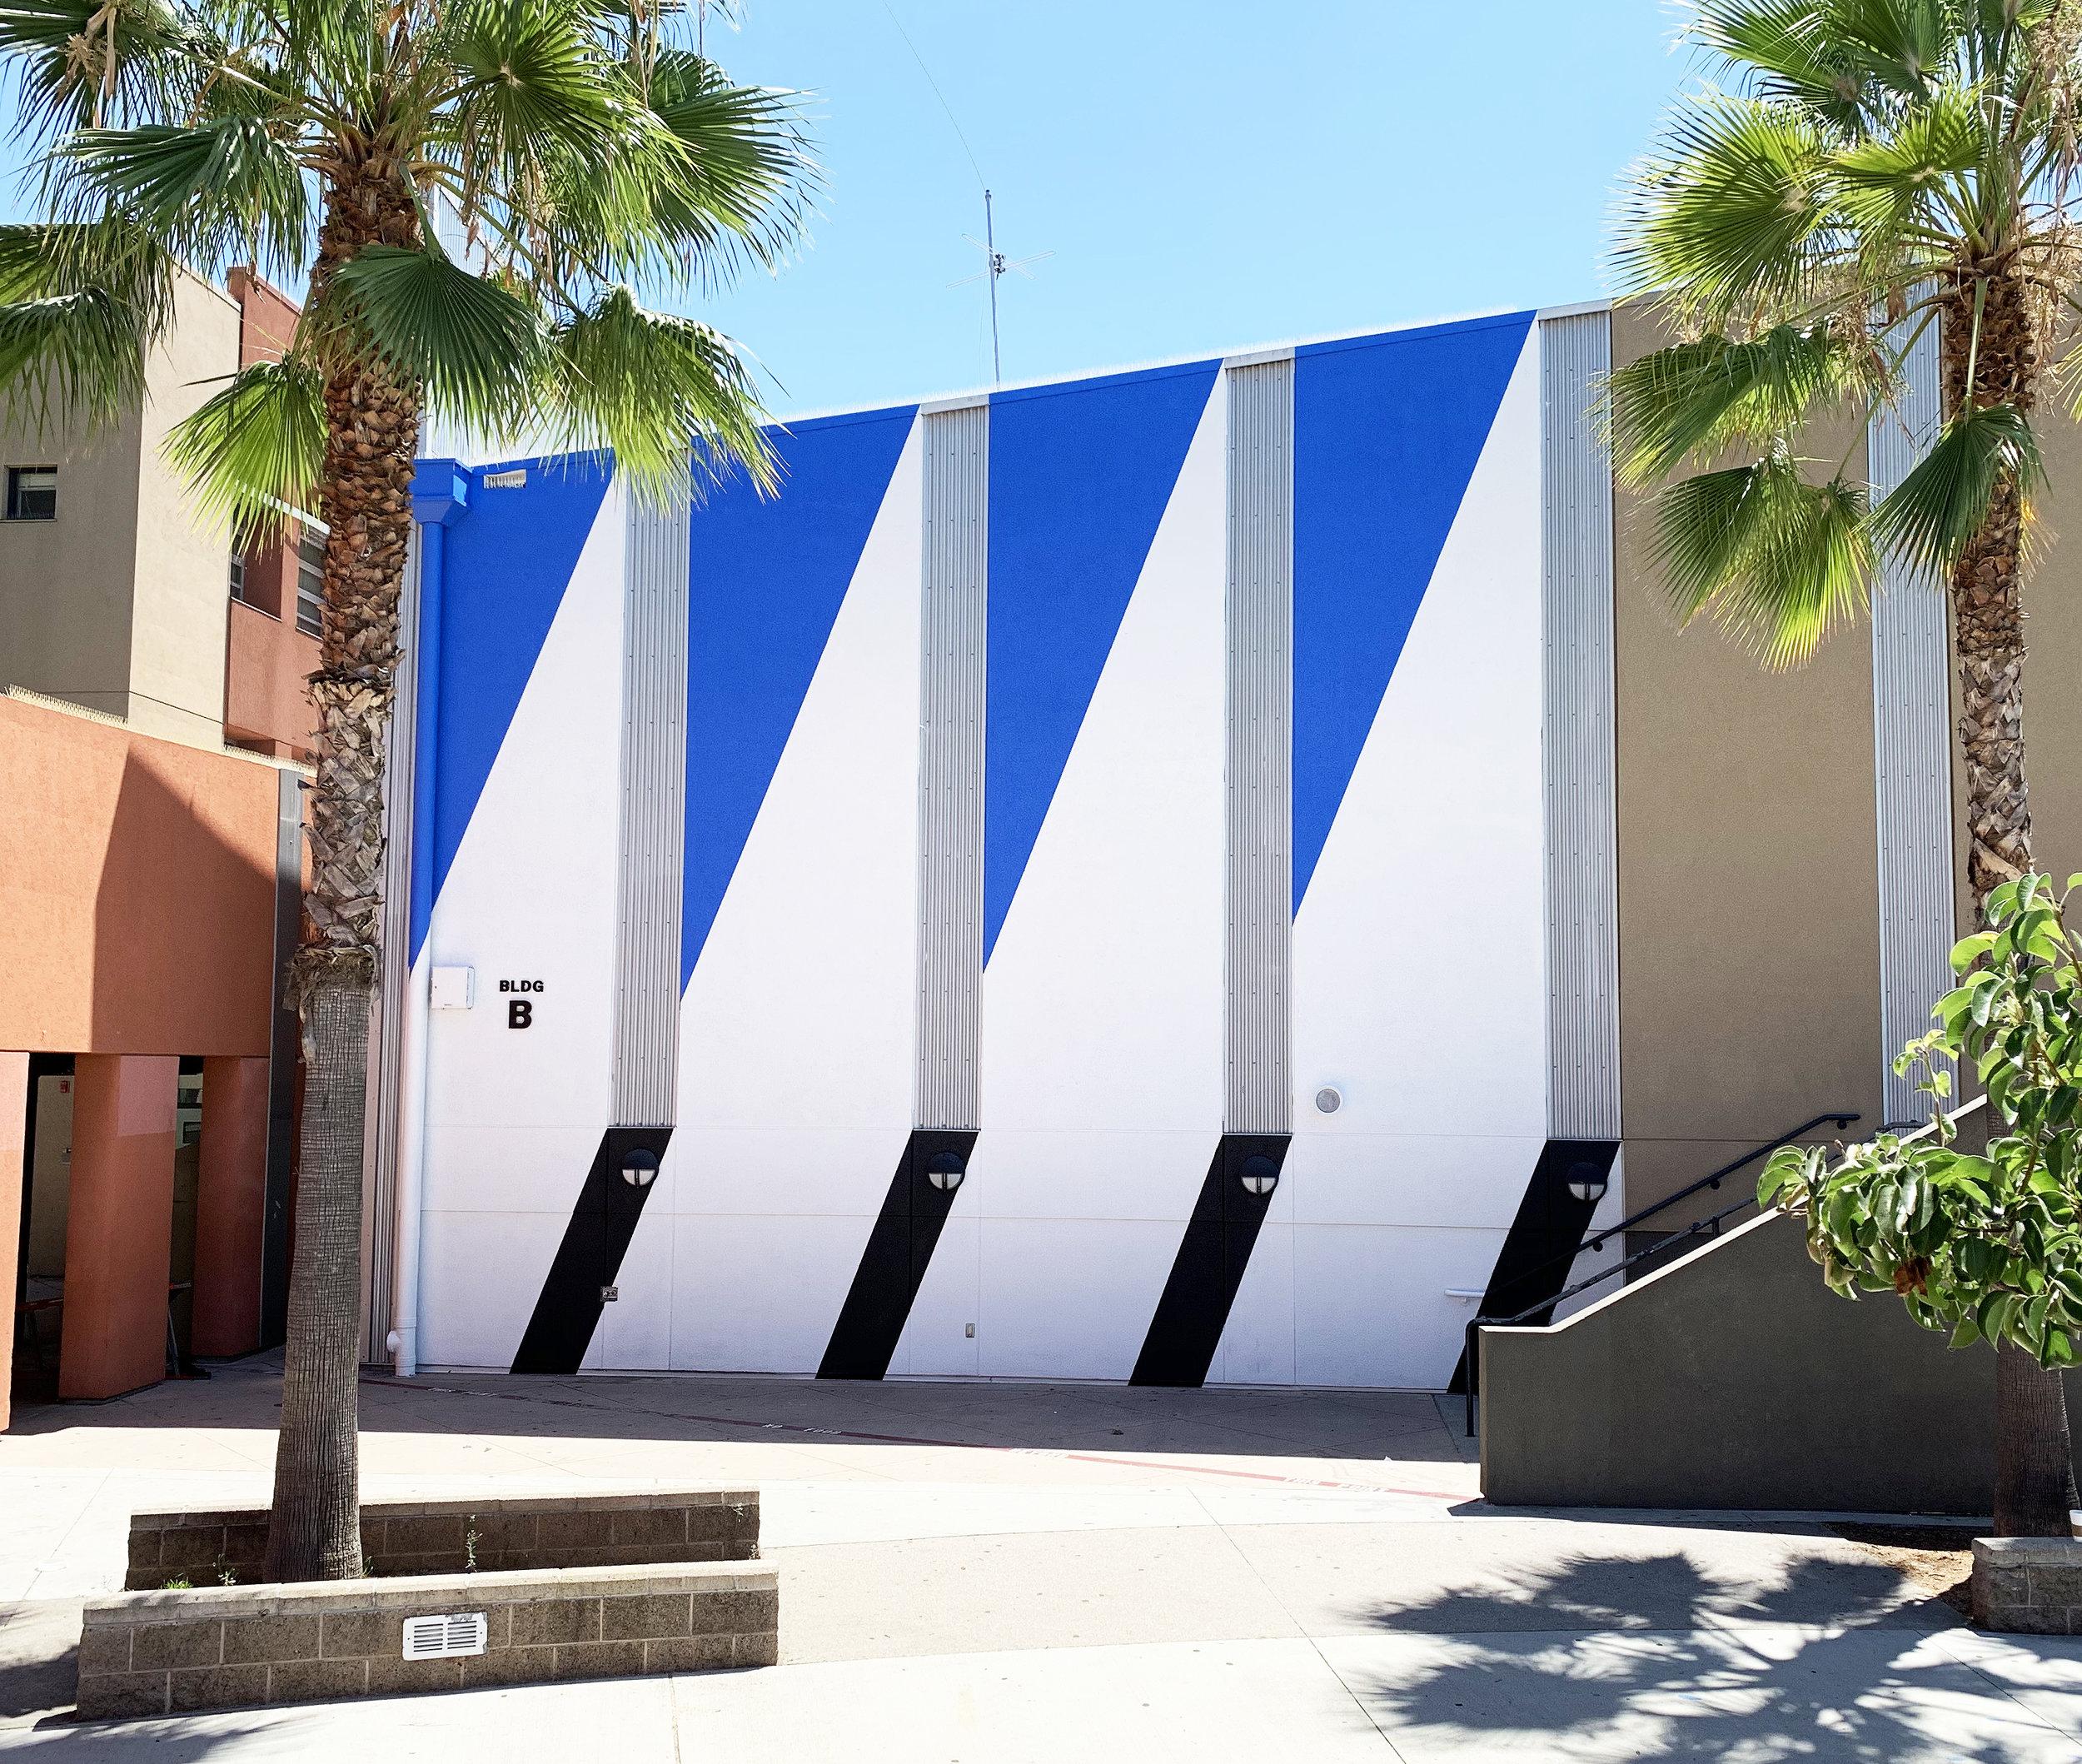 Tofer-Chin-Pillars-Final-LAUD-Mural.jpg